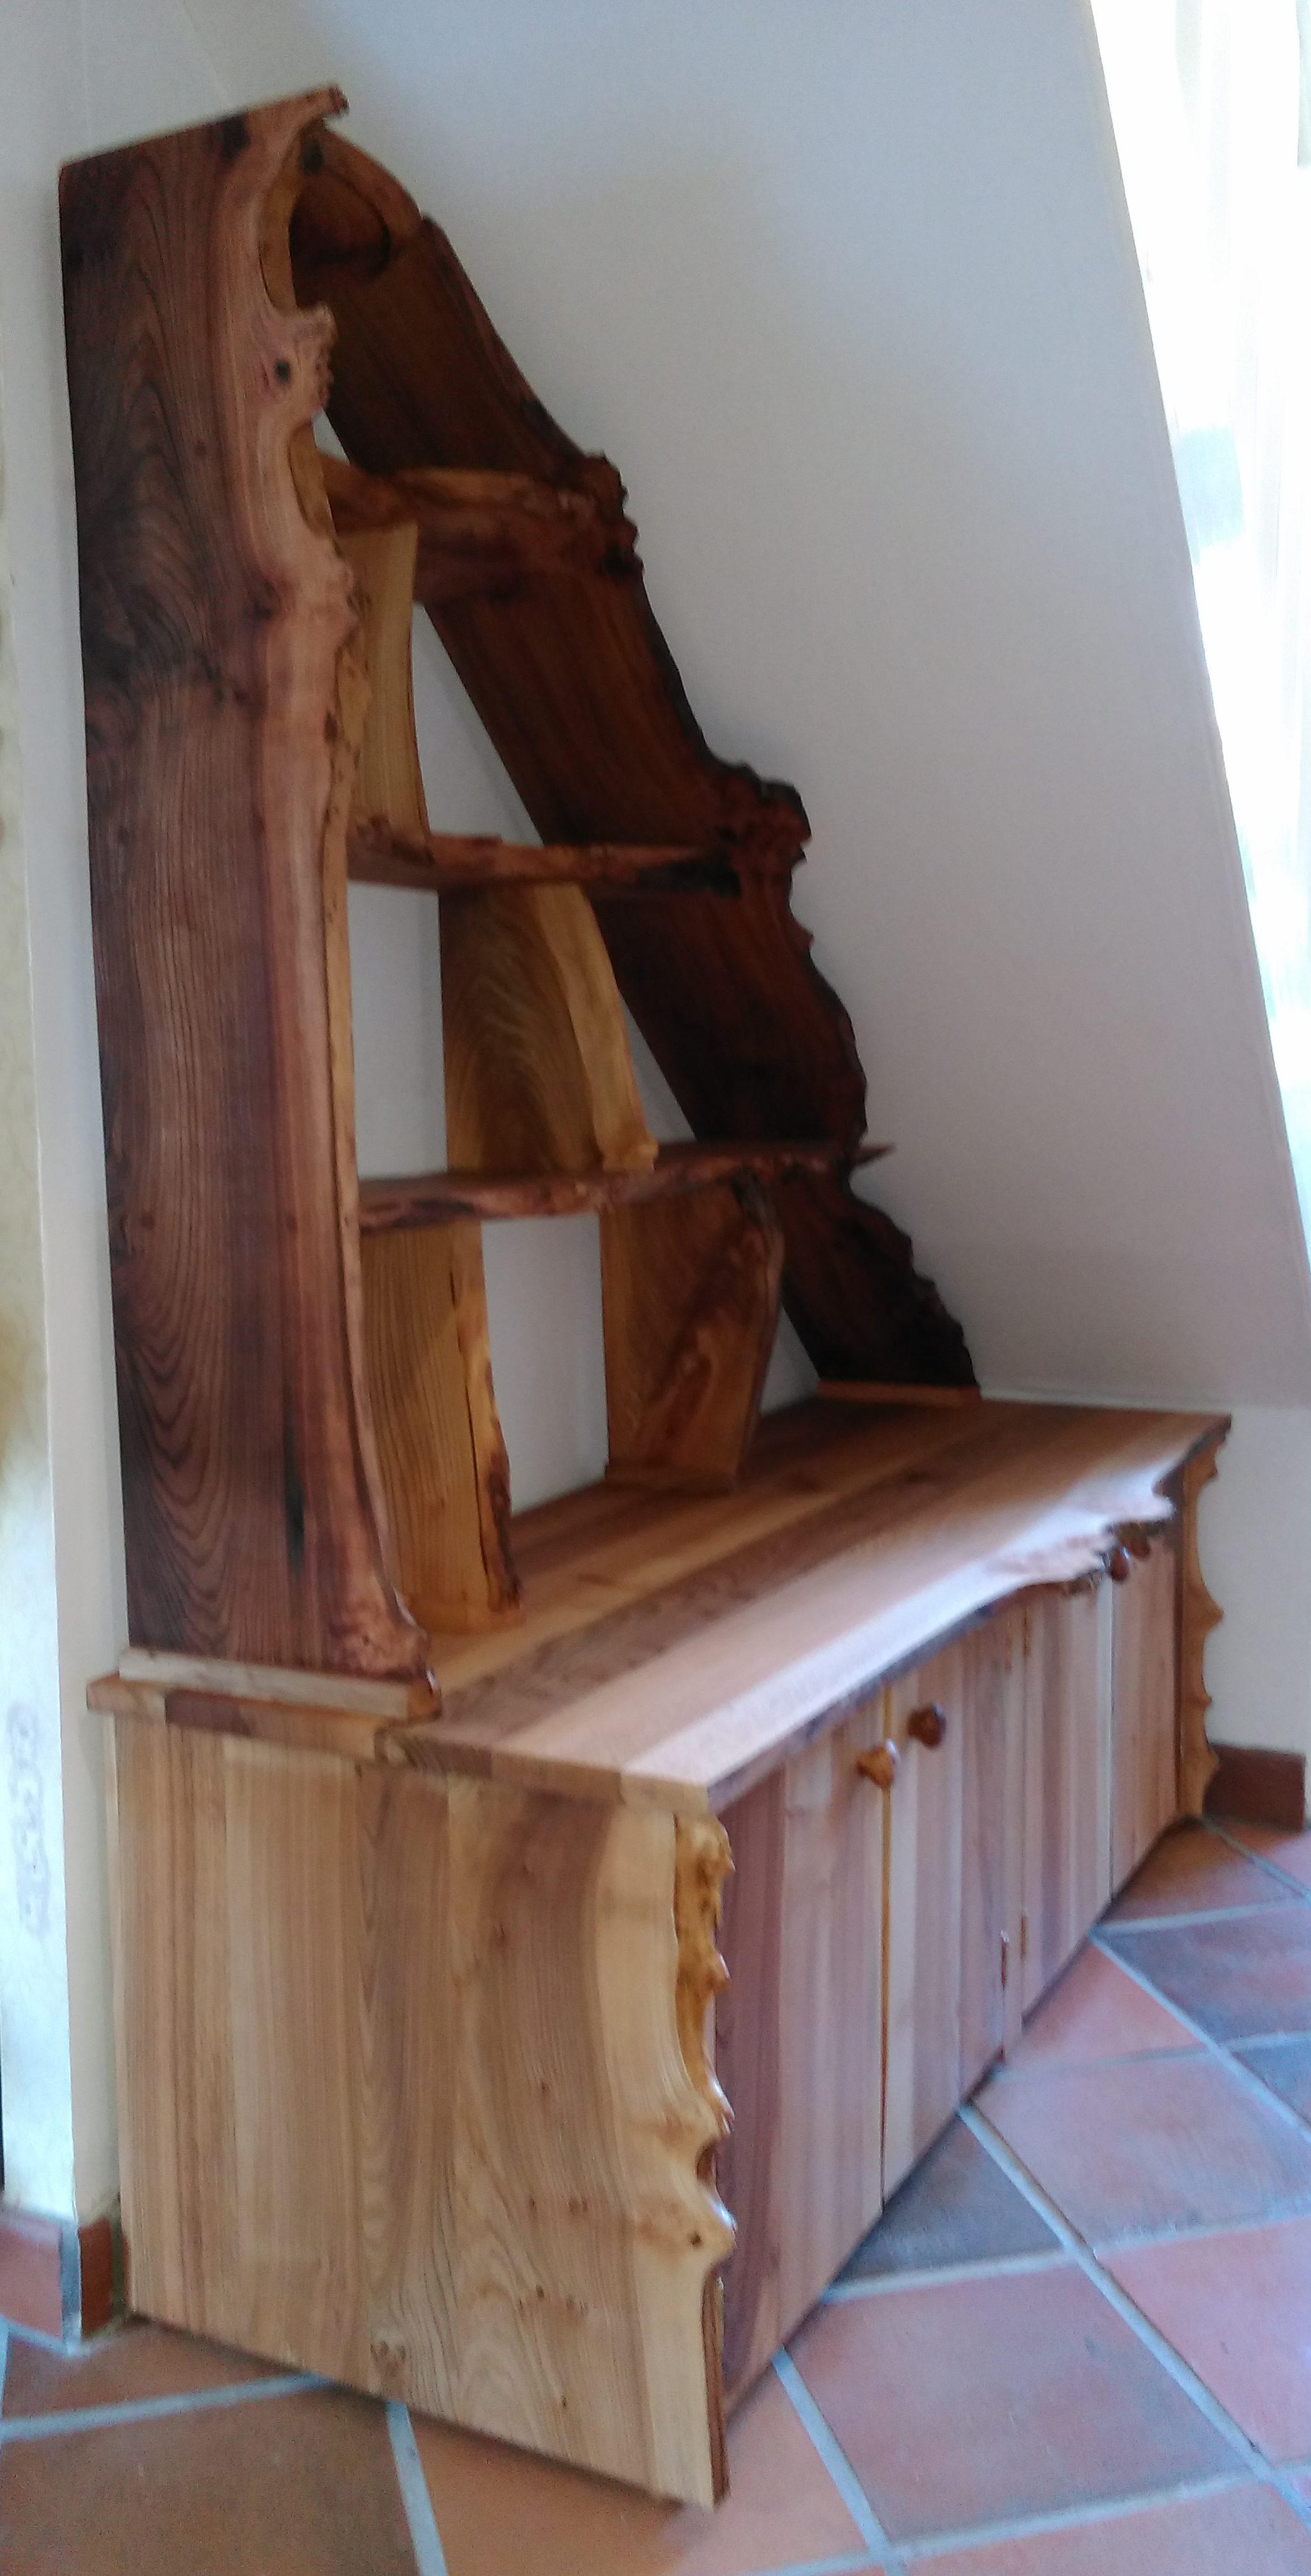 elm, burr elm, bespoke furniture, custom-made furniture, Scottish furniture, cabinet, shelves, dresser, furniture,